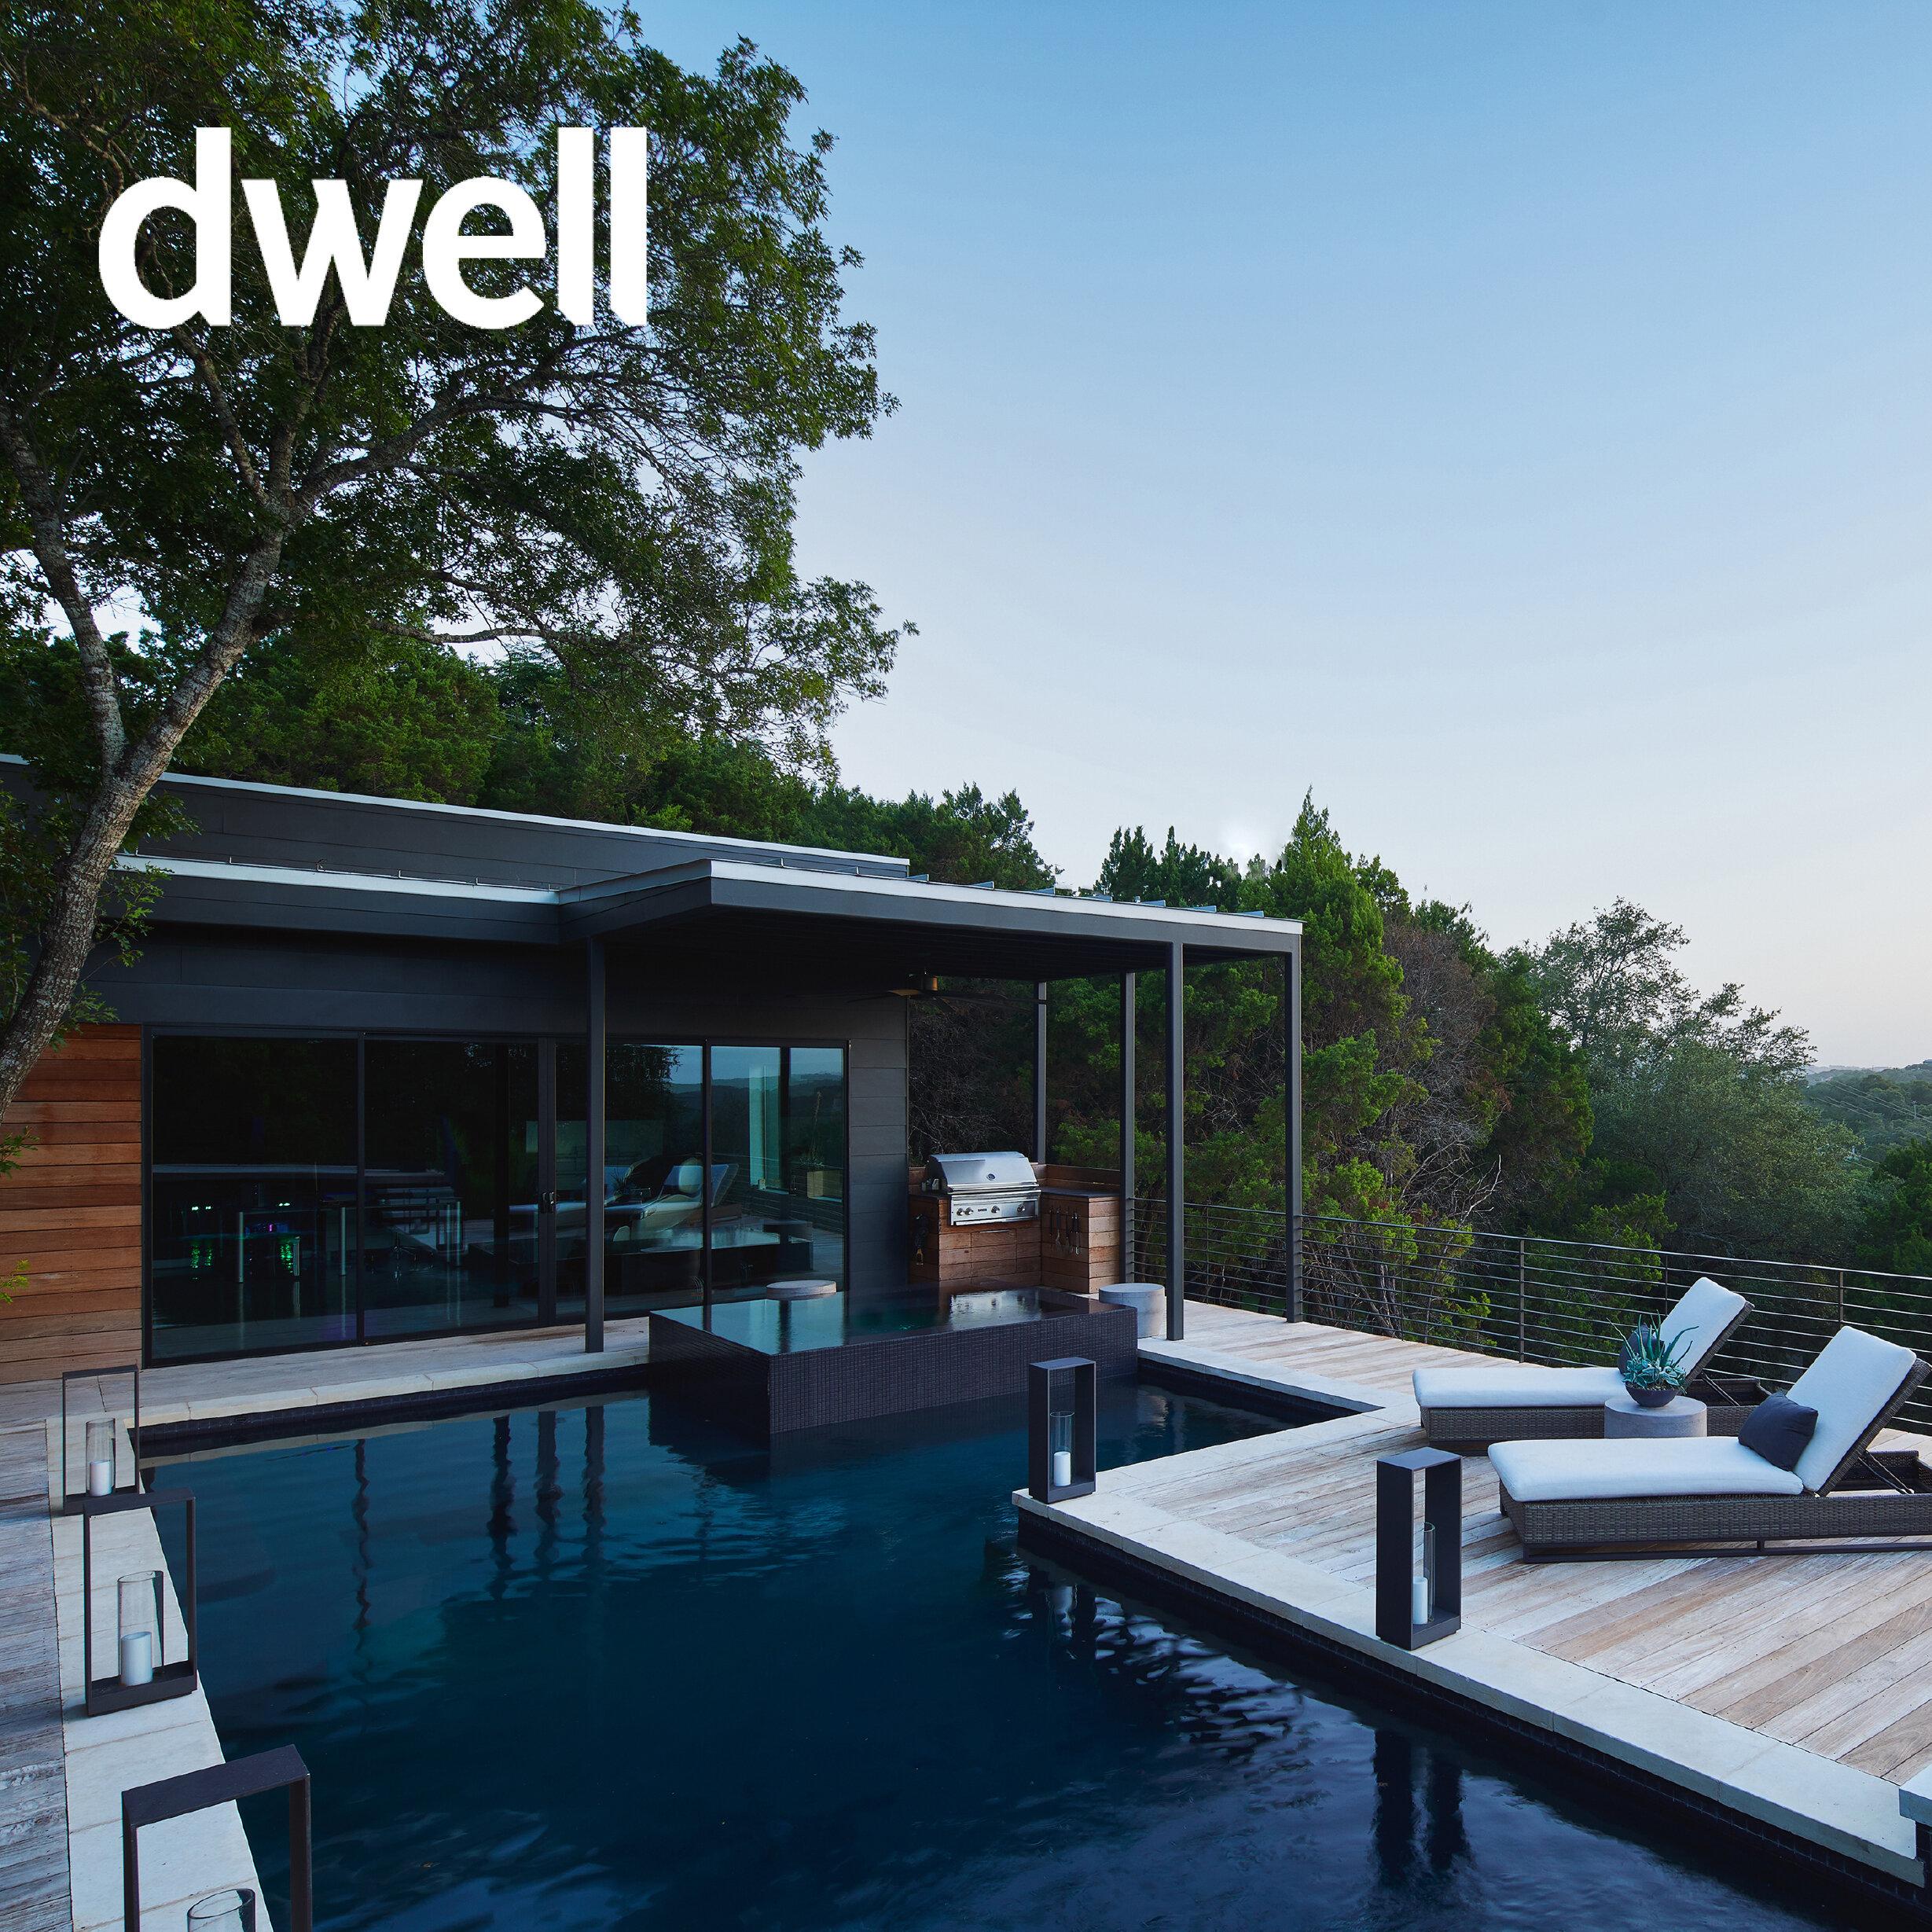 Dwell_2019_06_Via Media